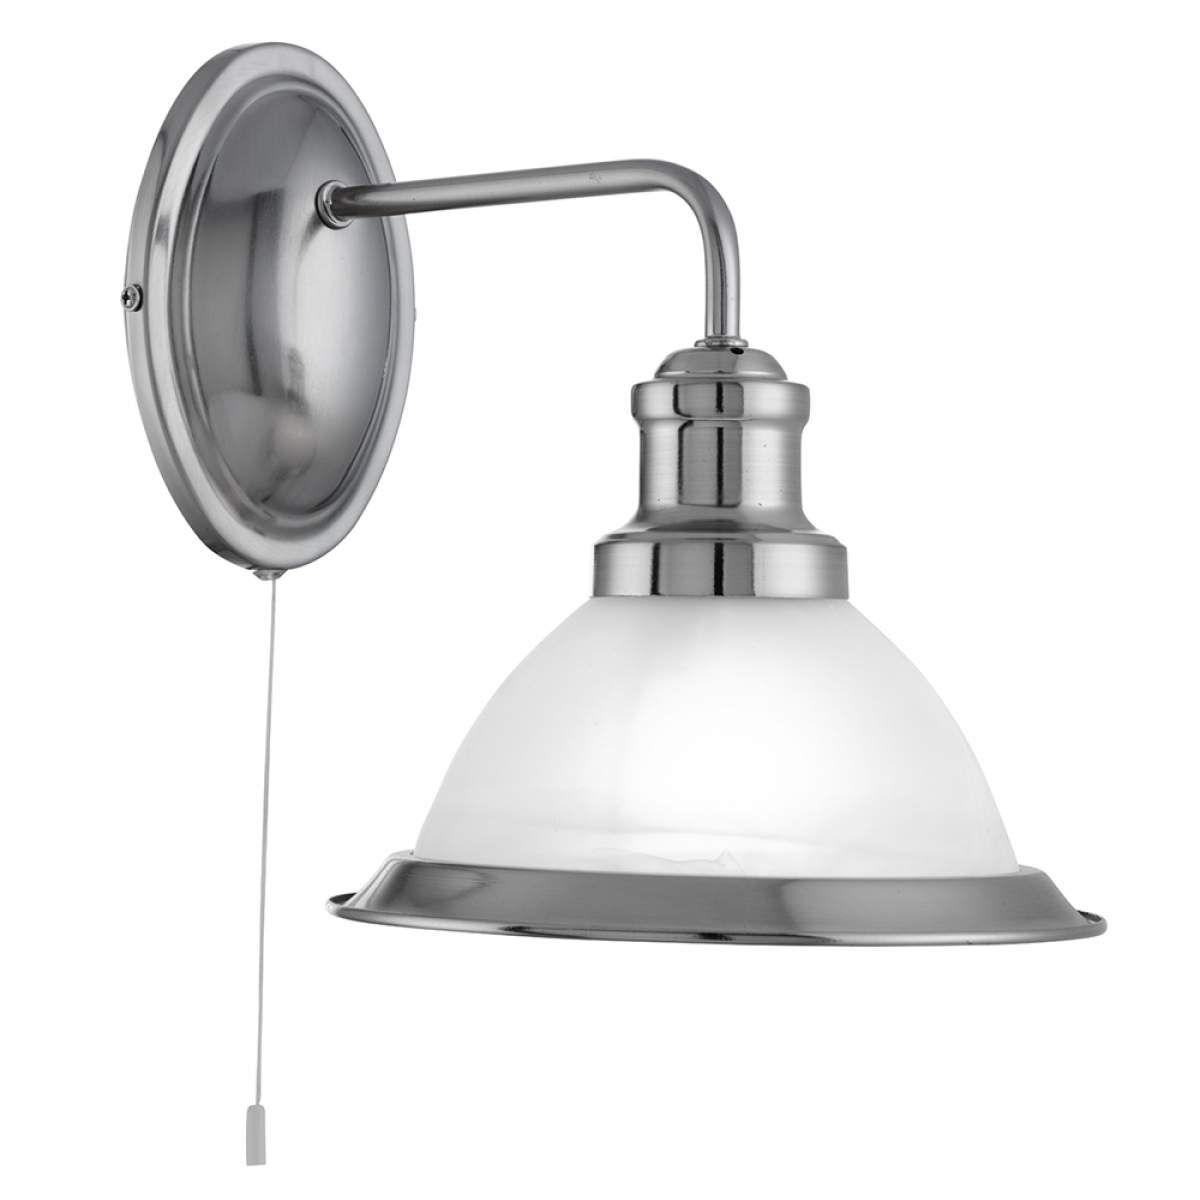 Antike Wandleuchte Bistro Von Searchlight Grau Wandleuchte Wandbeleuchtung Und Lampen